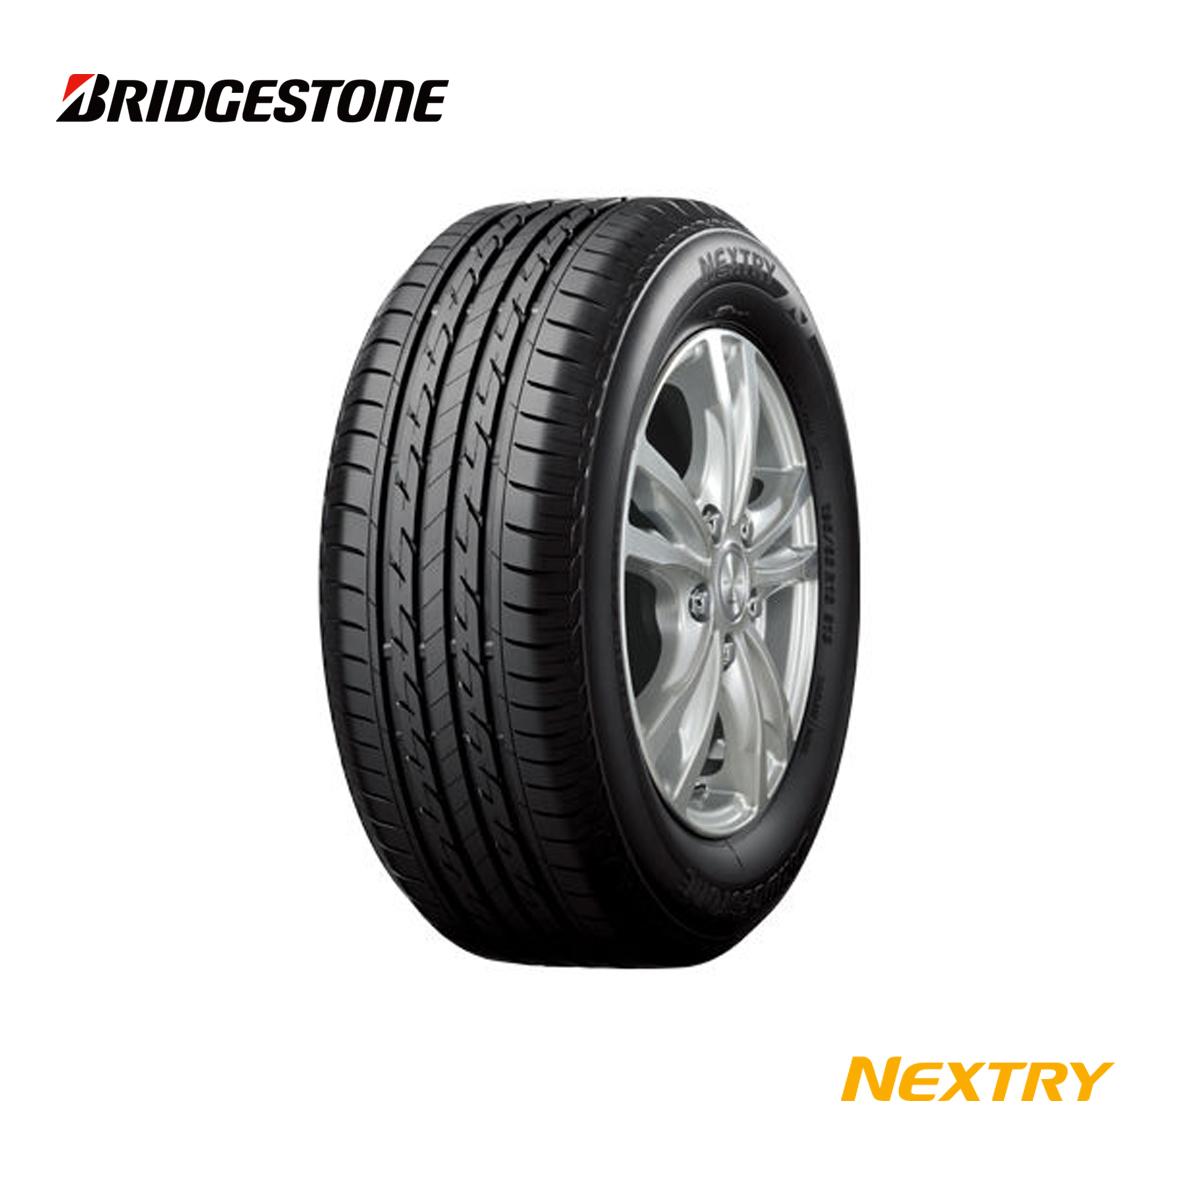 ブリヂストン 17インチ タイヤ 215/60R17 215 60 17 96H ネクストリー サマータイヤ 1本 96H 低燃費 エコ 夏 サマー タイヤ BRIDGESTONE NEXTRY